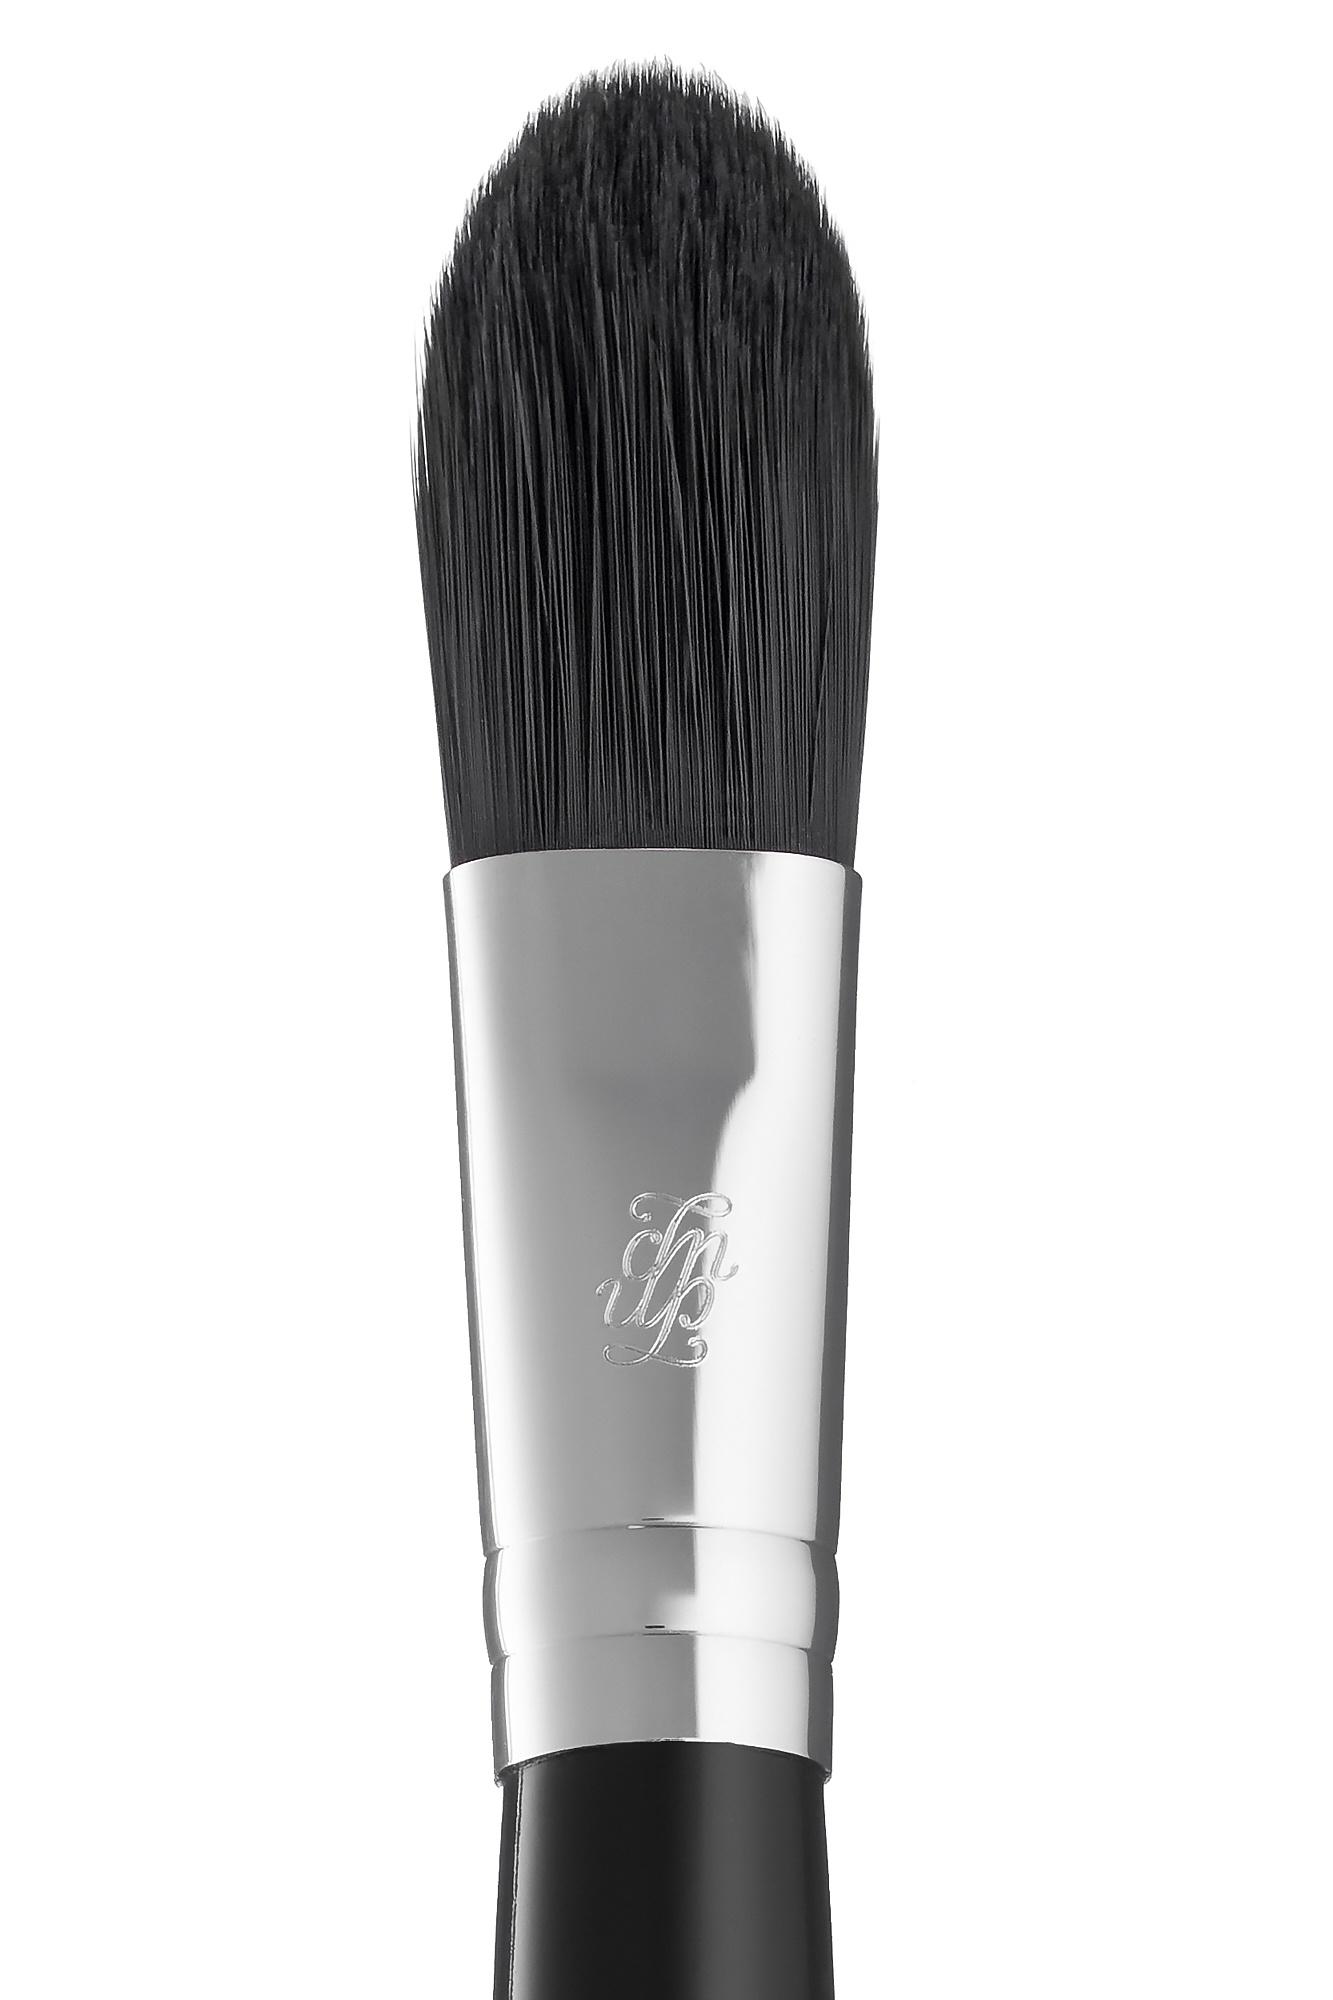 Кисть для нанесения основы под макияж и кремовых румян B94